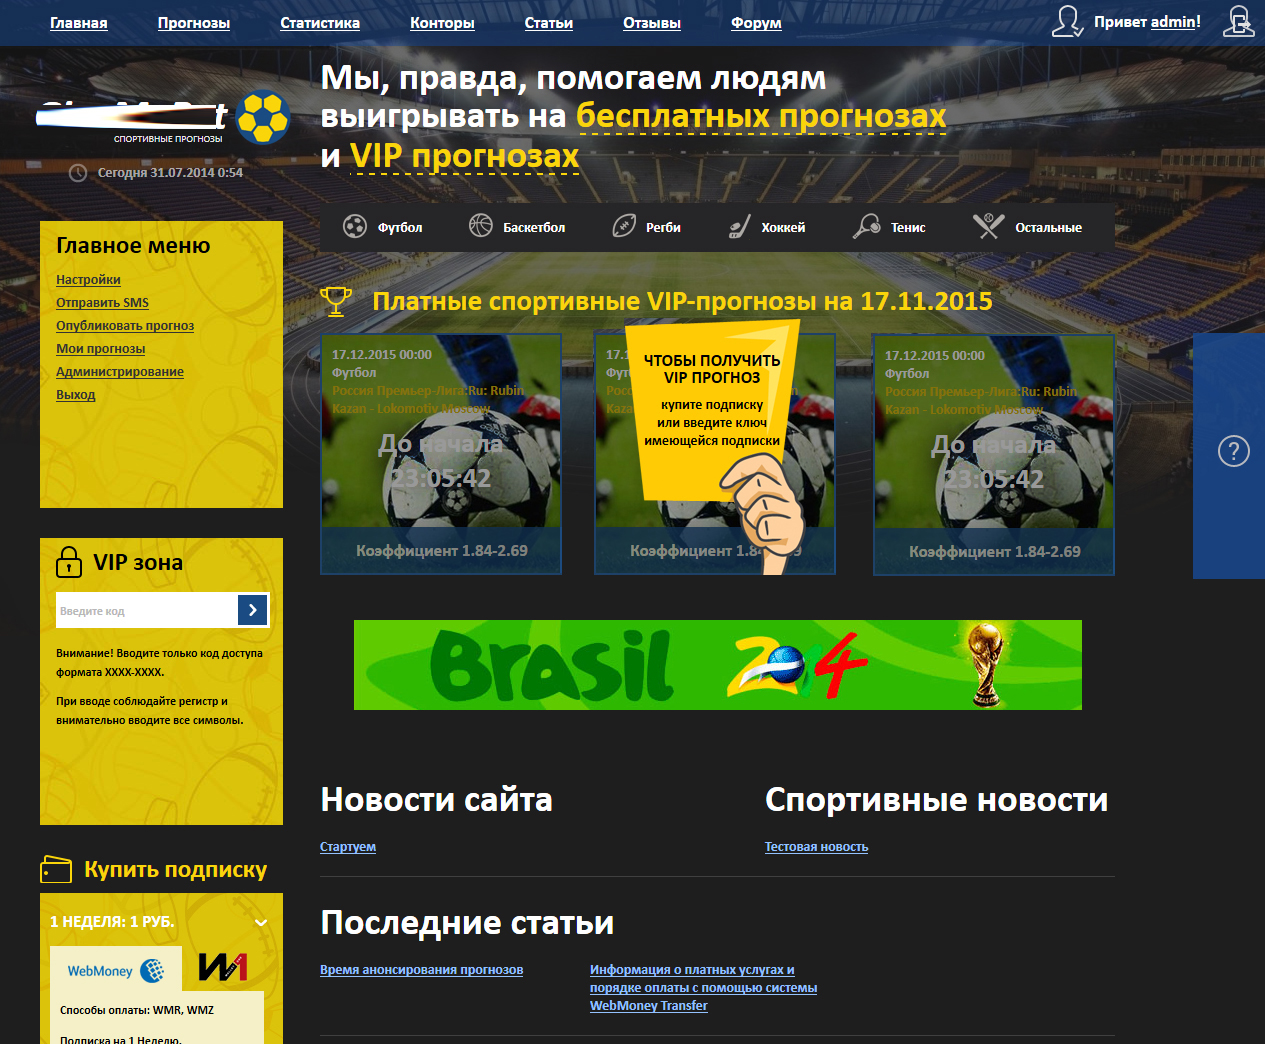 Сайты спортивные прогнозы как реально заработать деньги в интернете без вложений отзывы